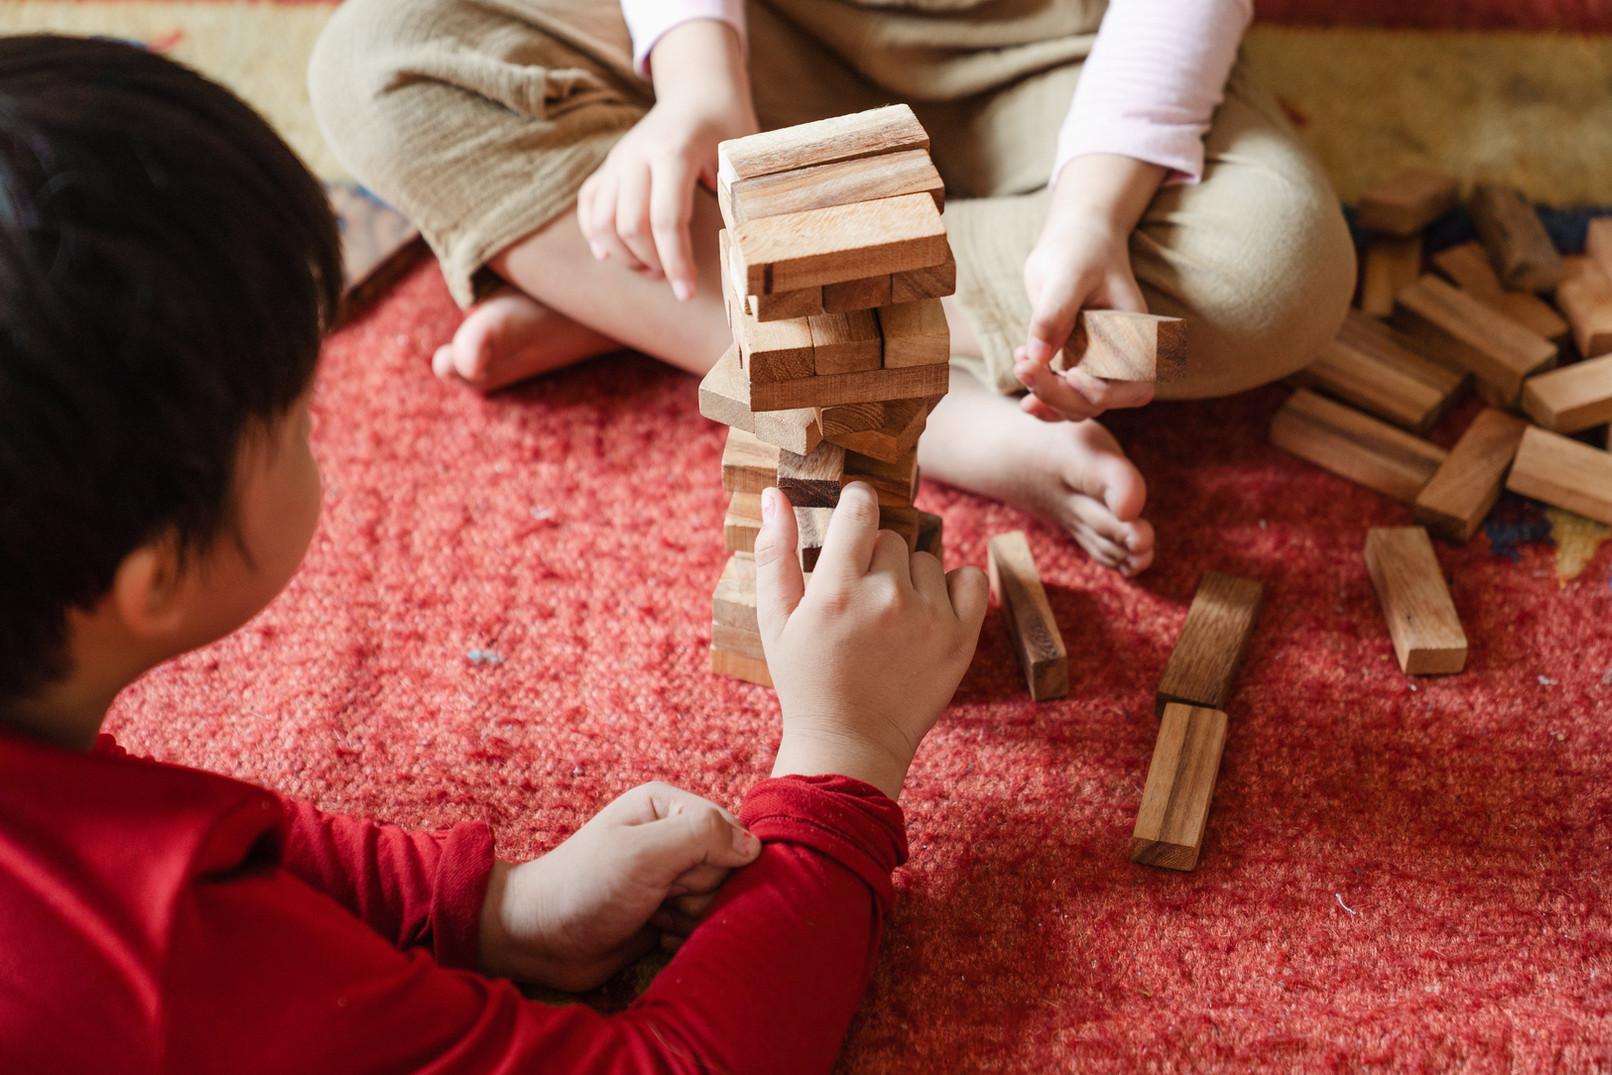 children-playing-jenga-4473566.jpg